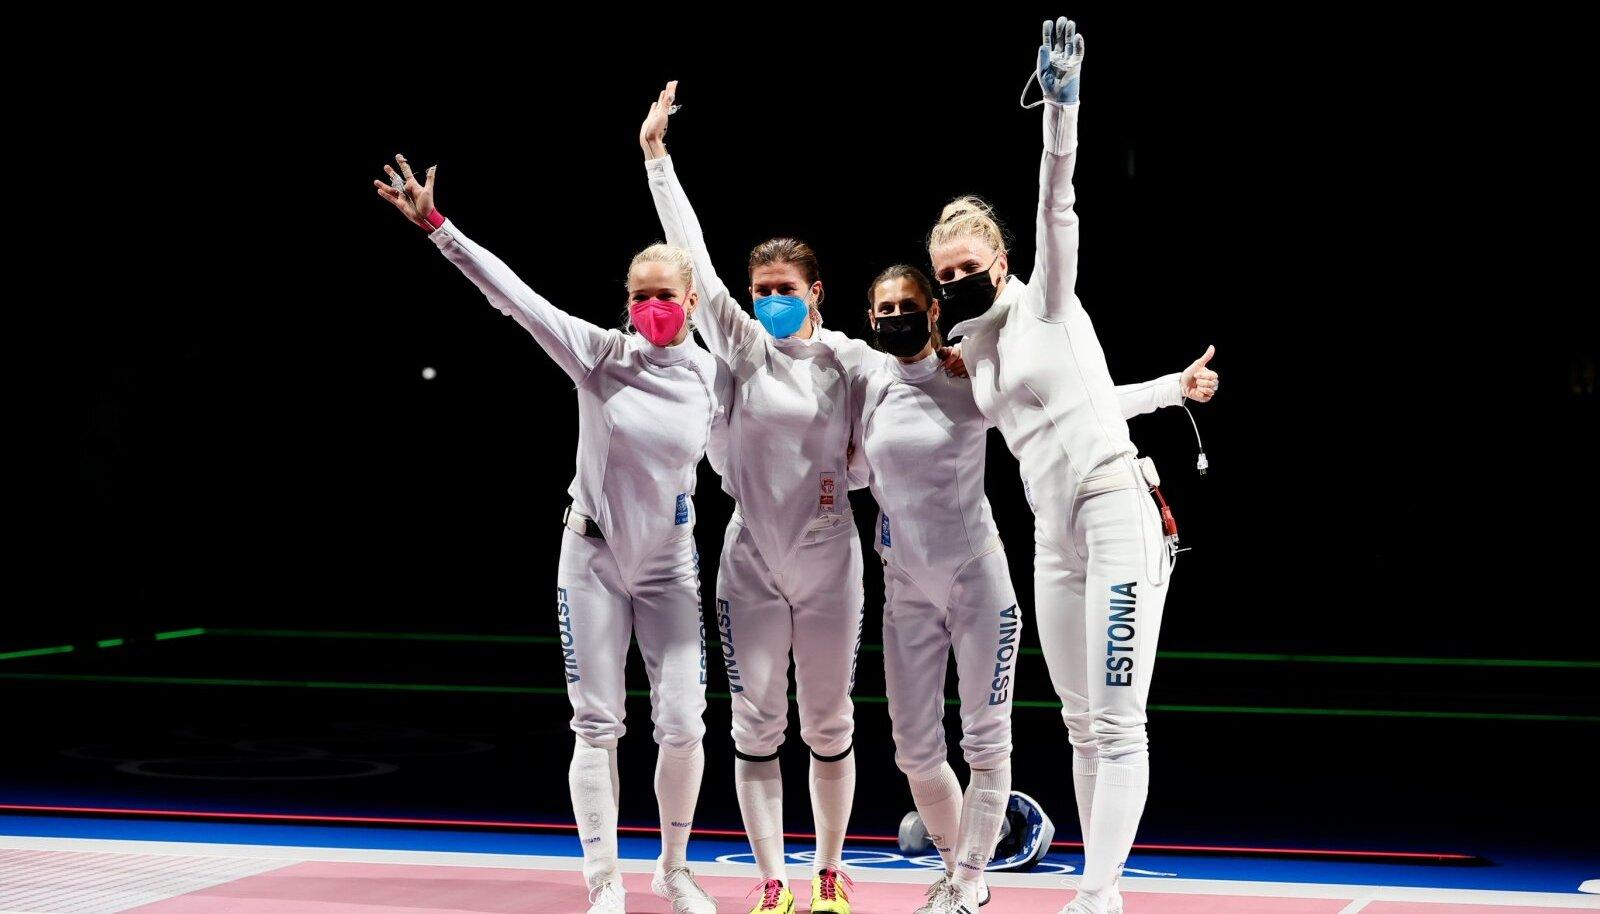 Eesti epeenaiskond tõusis Tokyos poodiumile. Irina Embrich (paremalt teine) tõusis Eesti kõige edukamaks sportlaseks.